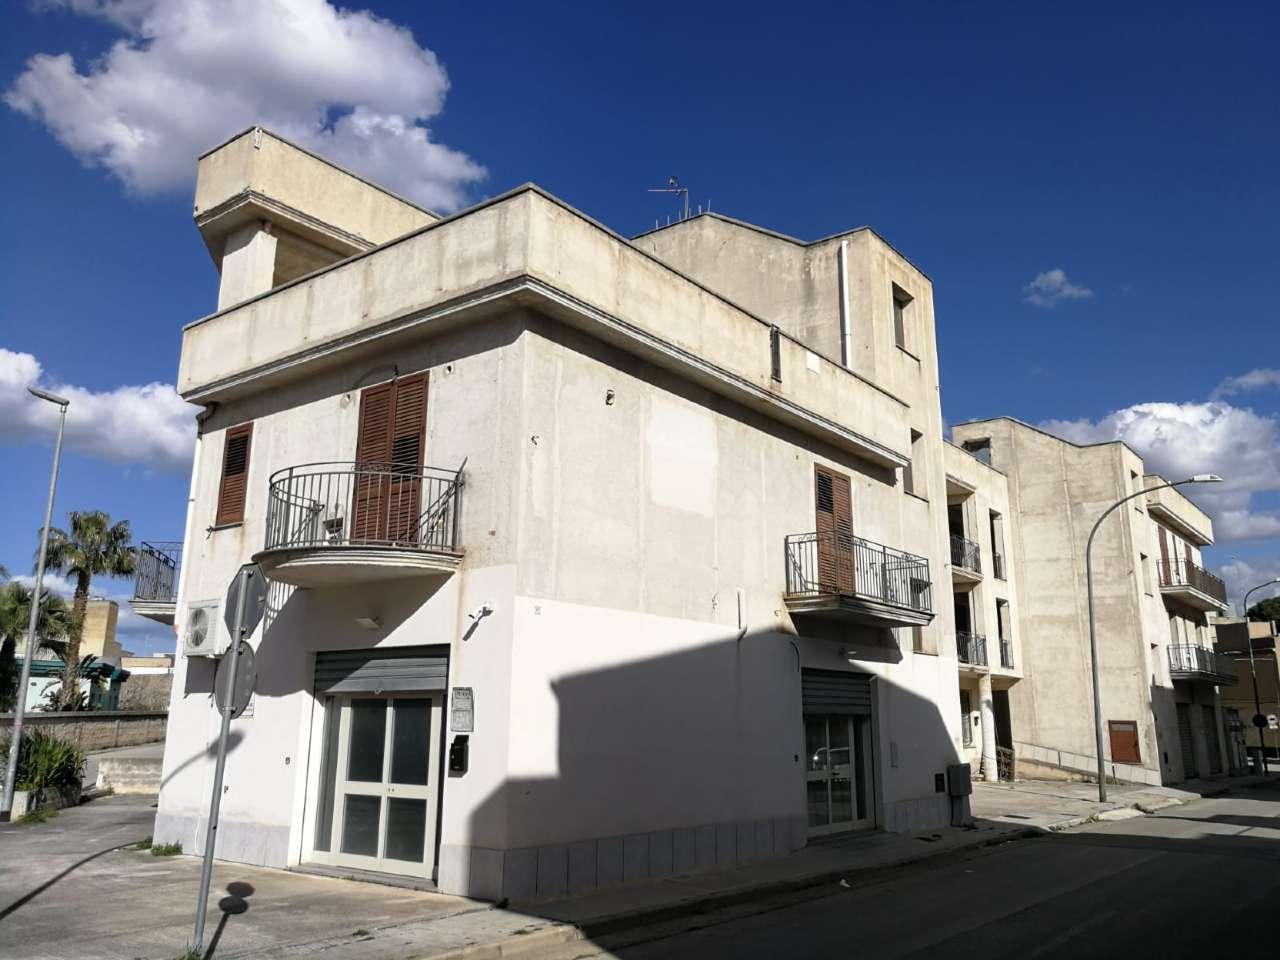 Attico / Mansarda in vendita a Castelvetrano, 9999 locali, prezzo € 95.000   CambioCasa.it